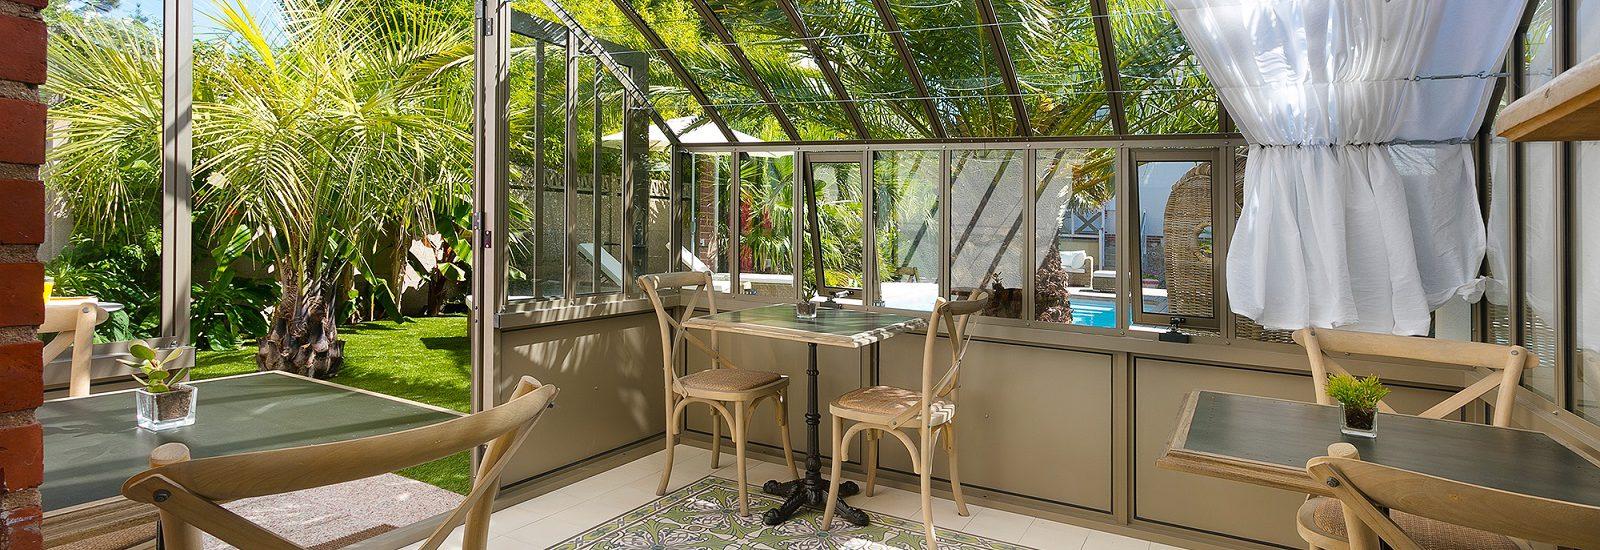 Villa La Ruche La Baule Latelier Des Serres Jardin Dhiver Chambre D Chambre Dhotes Haut De Gamme Jardin Villa La